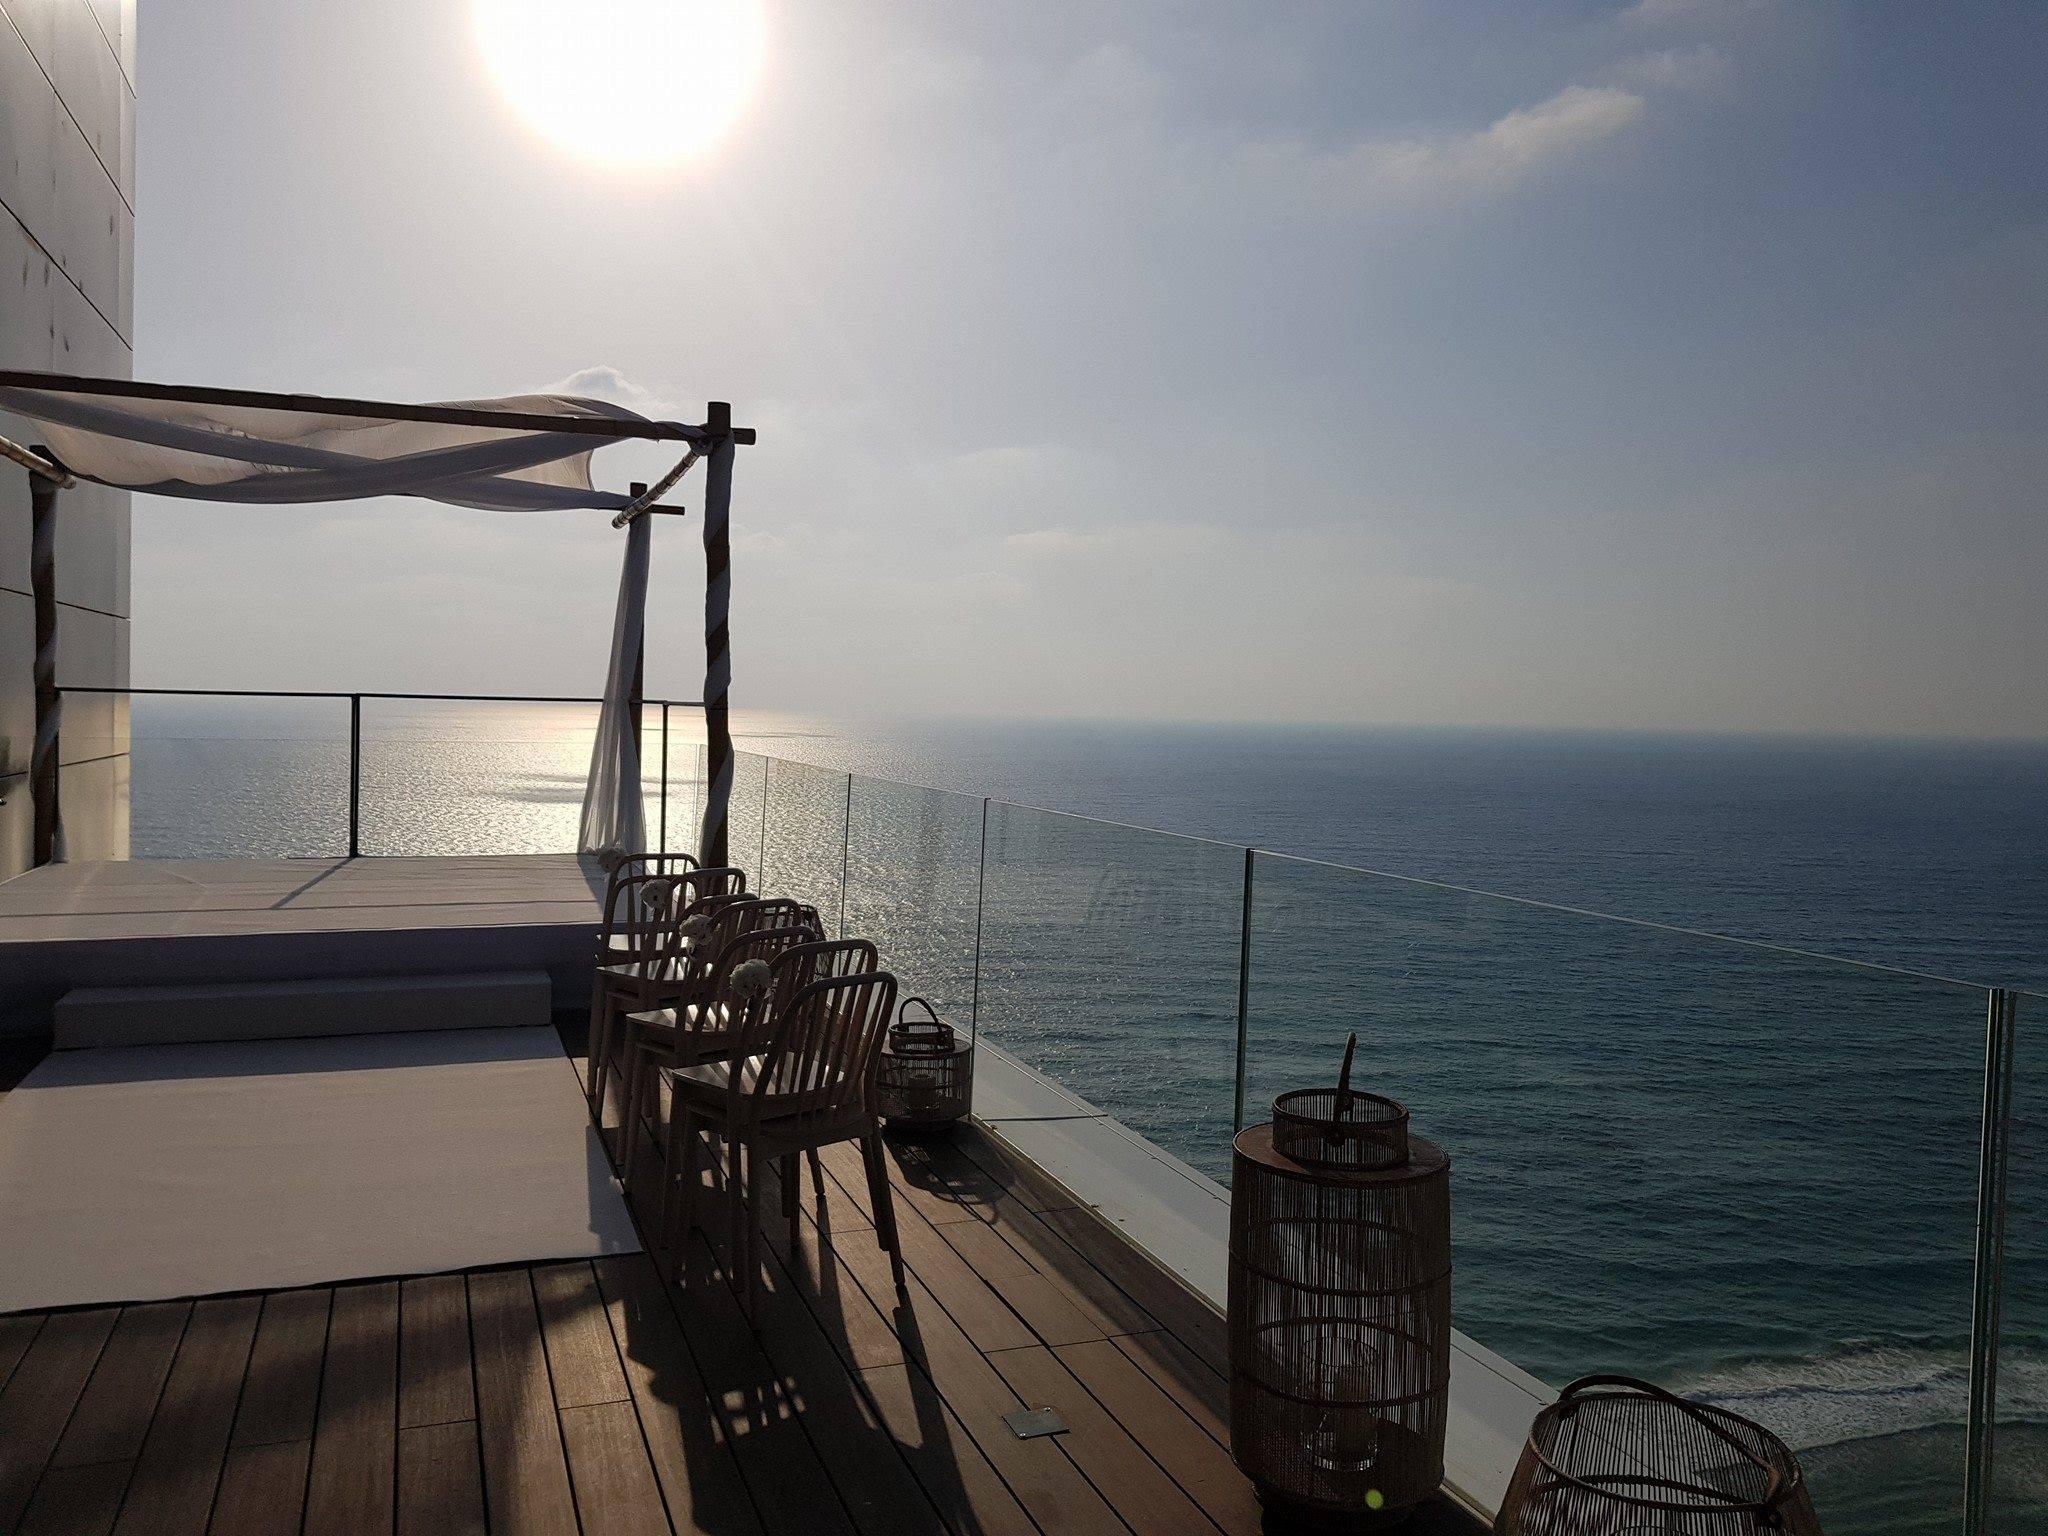 ג'ונה - אירועים על הים